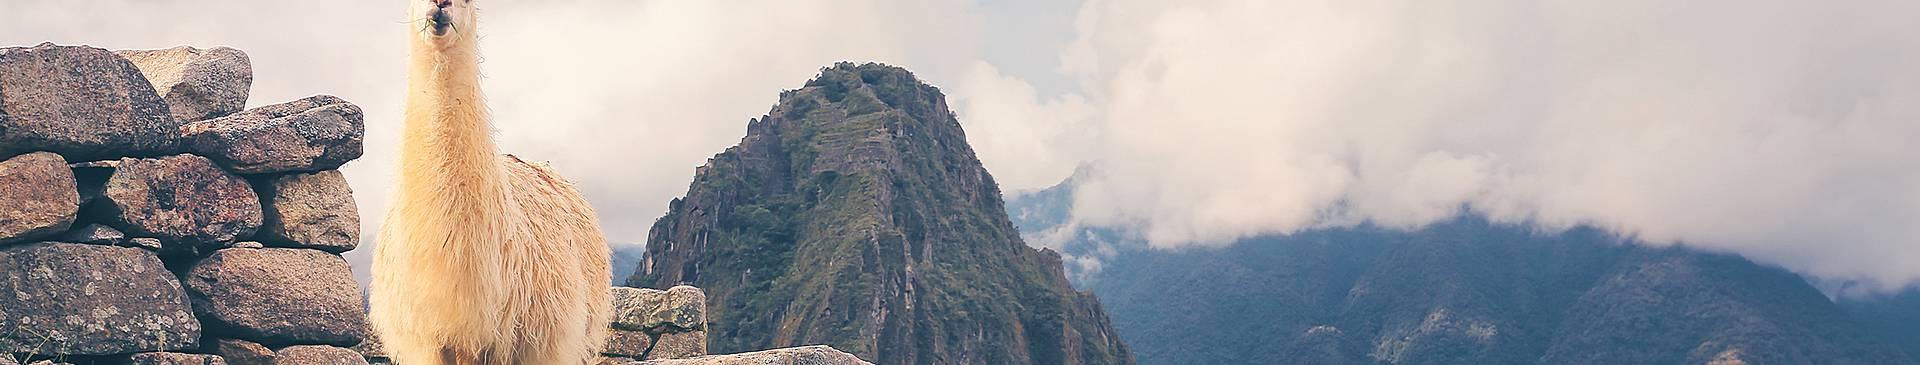 Voyage au Pérou en mai